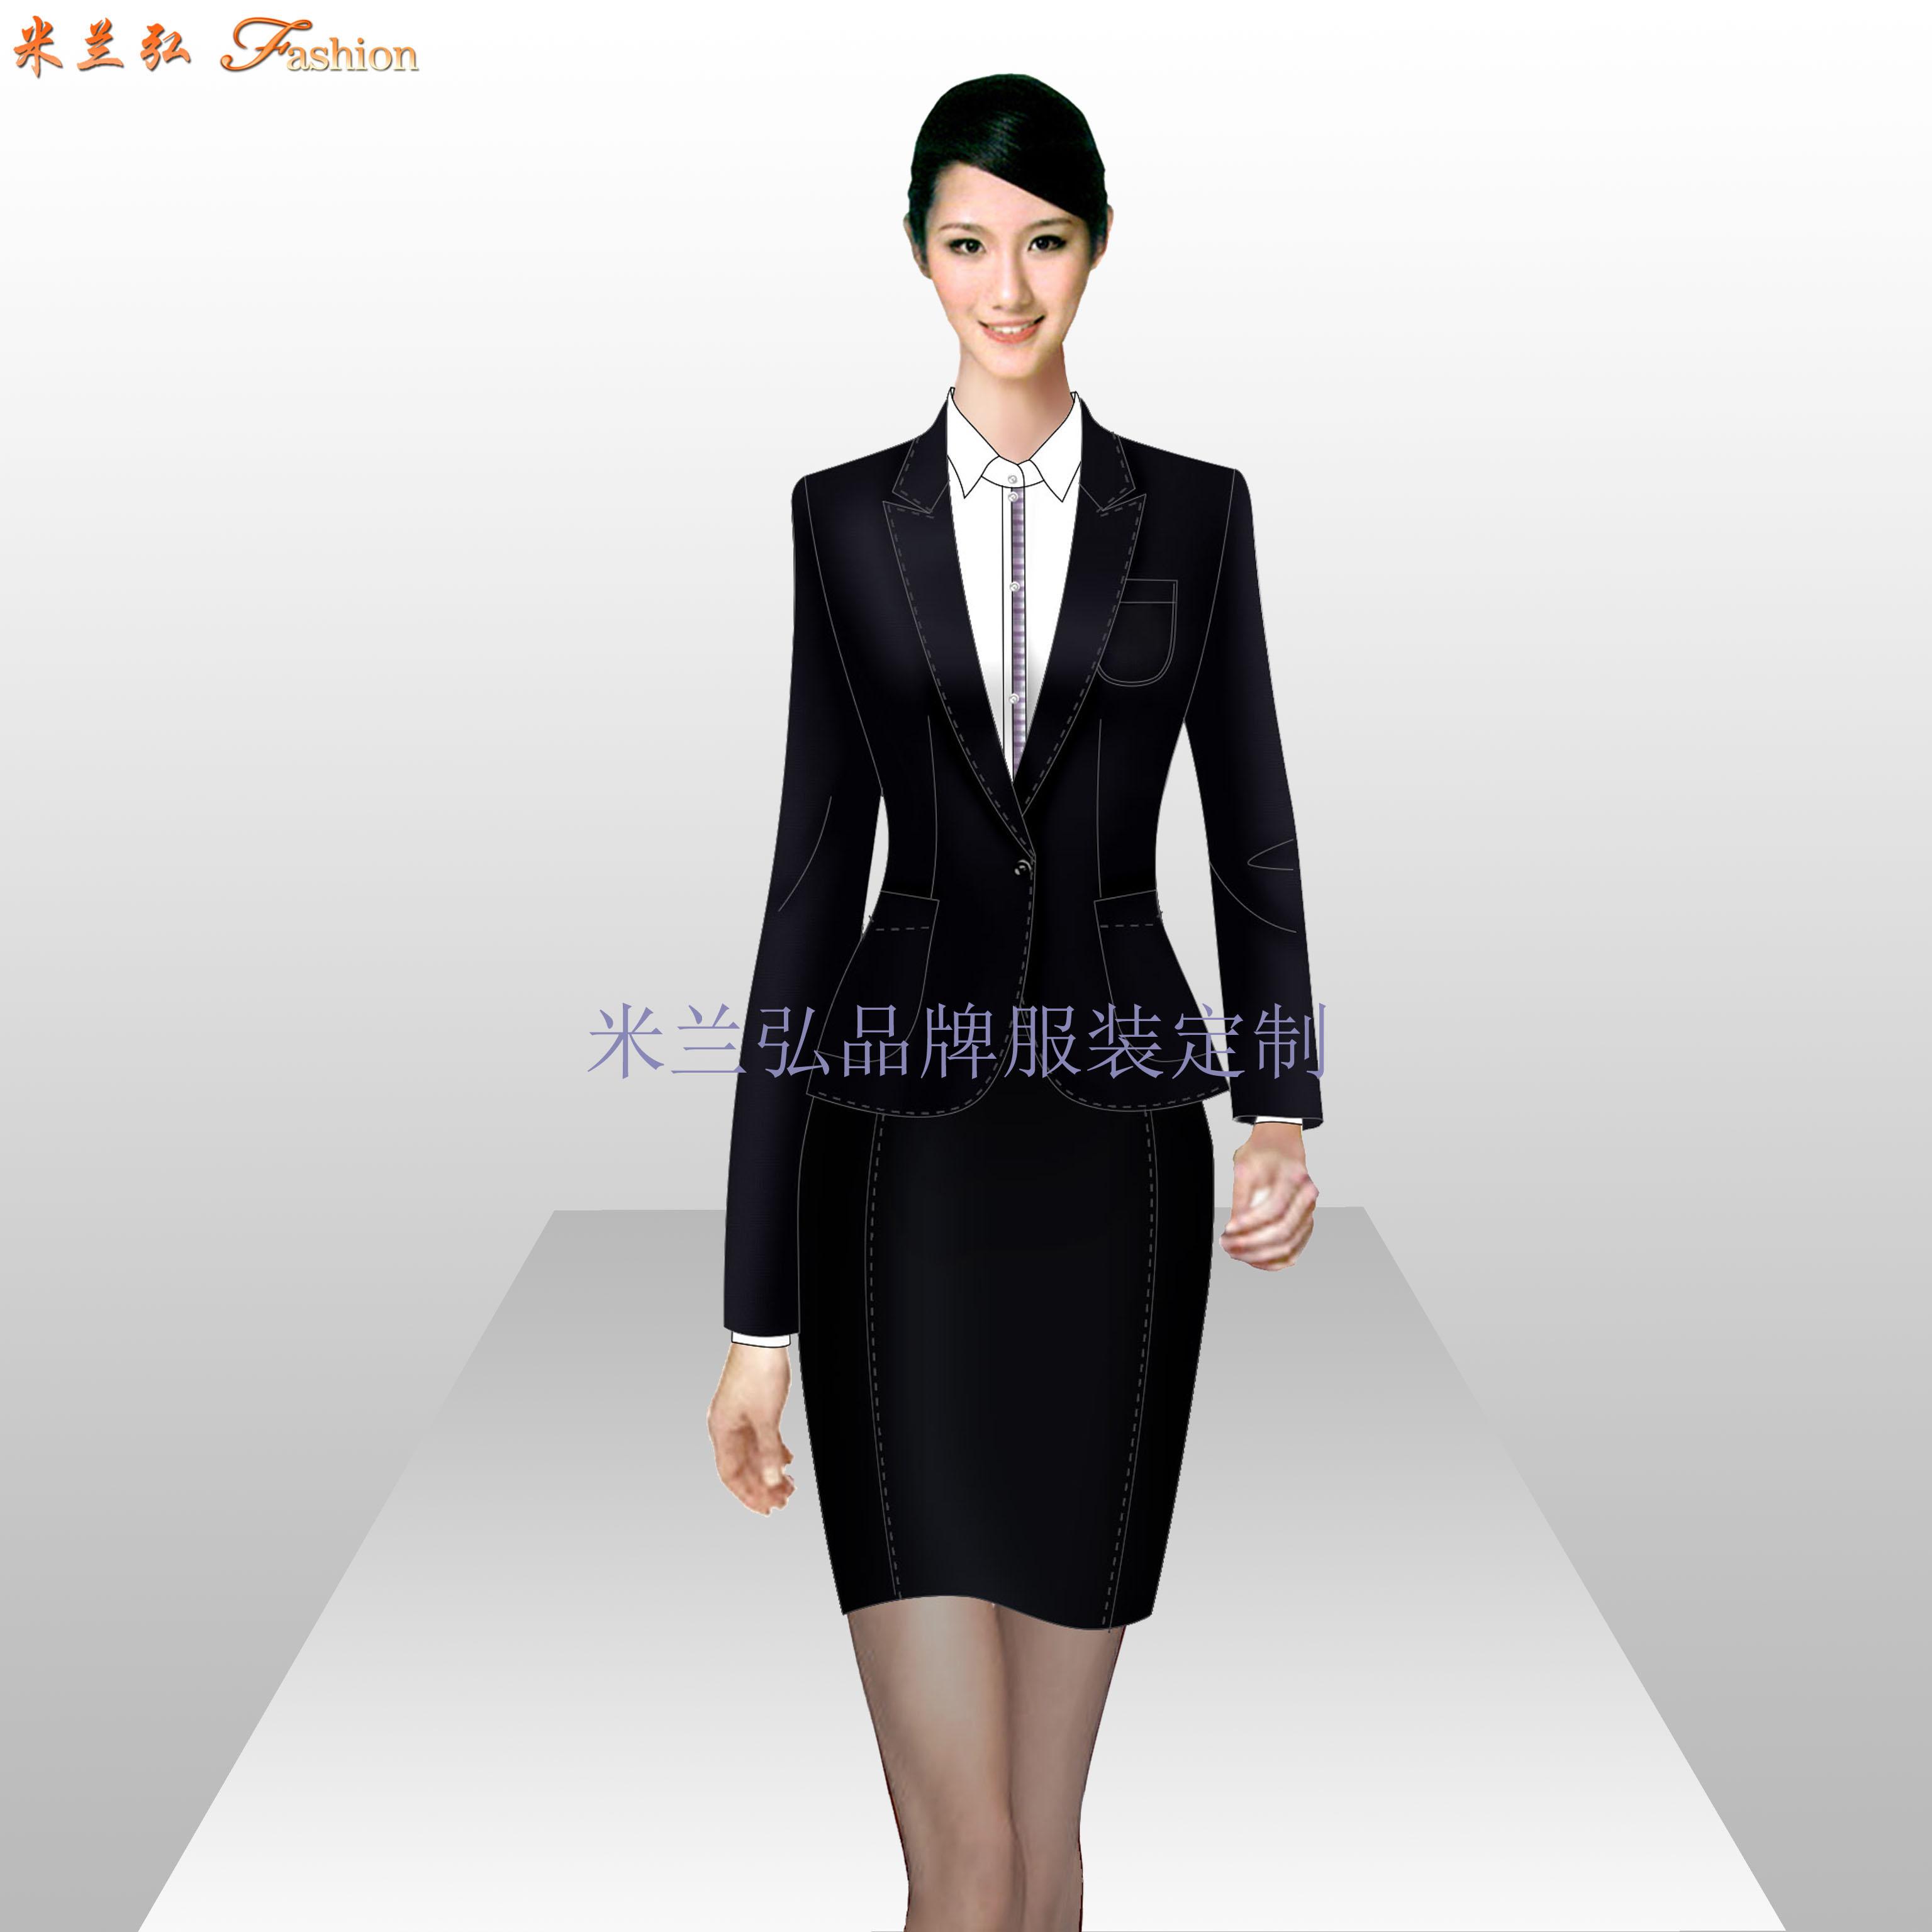 寫字樓物業管家服裝定制-公寓樓物業工作服定做-米蘭弘-4